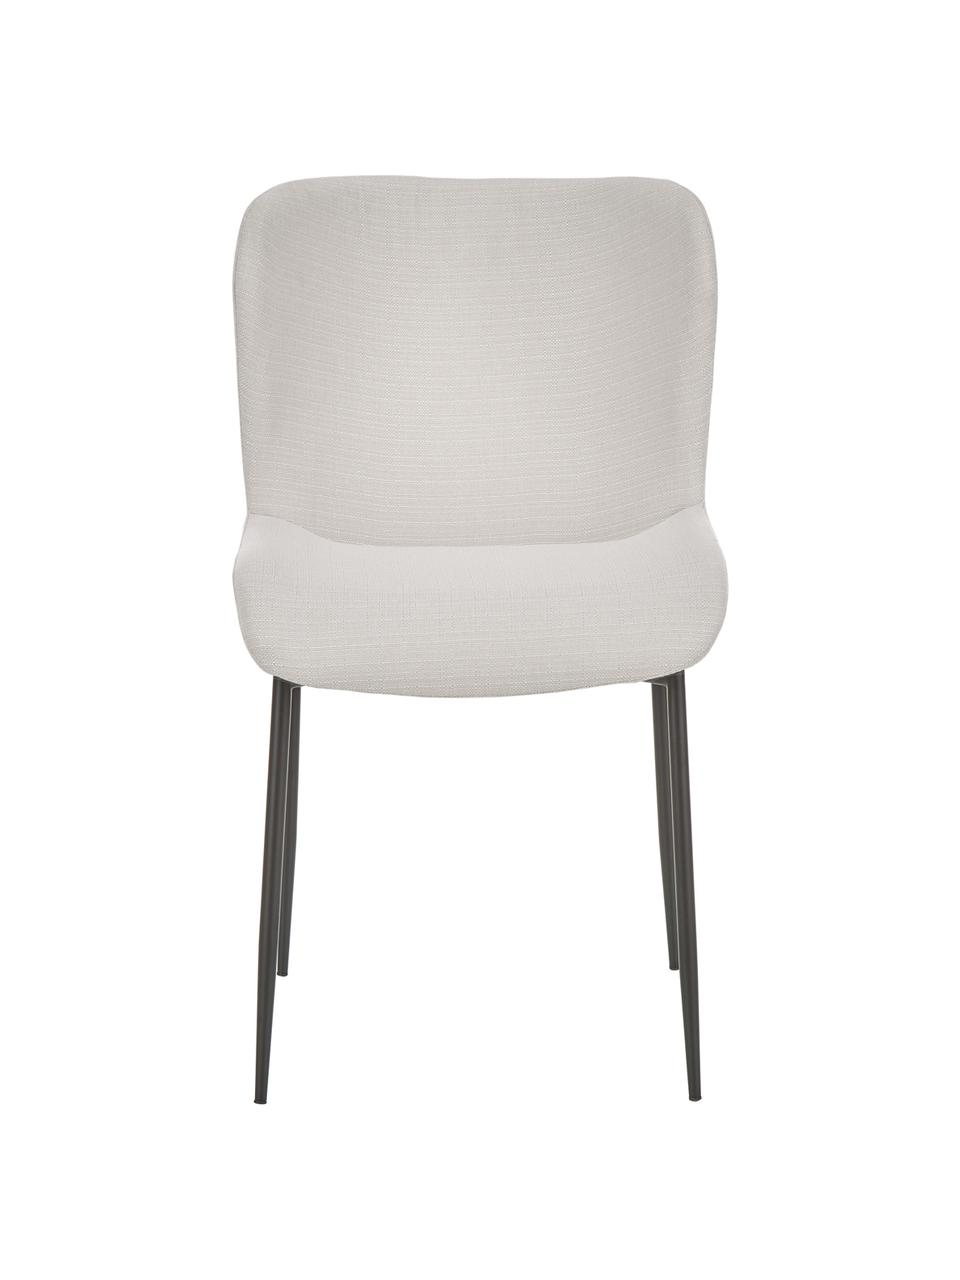 Krzesło tapicerowane Tess, Tapicerka: poliester Dzięki tkaninie, Nogi: metal malowany proszkowo, Kremowobiały, czarny, S 49 x G 64 cm